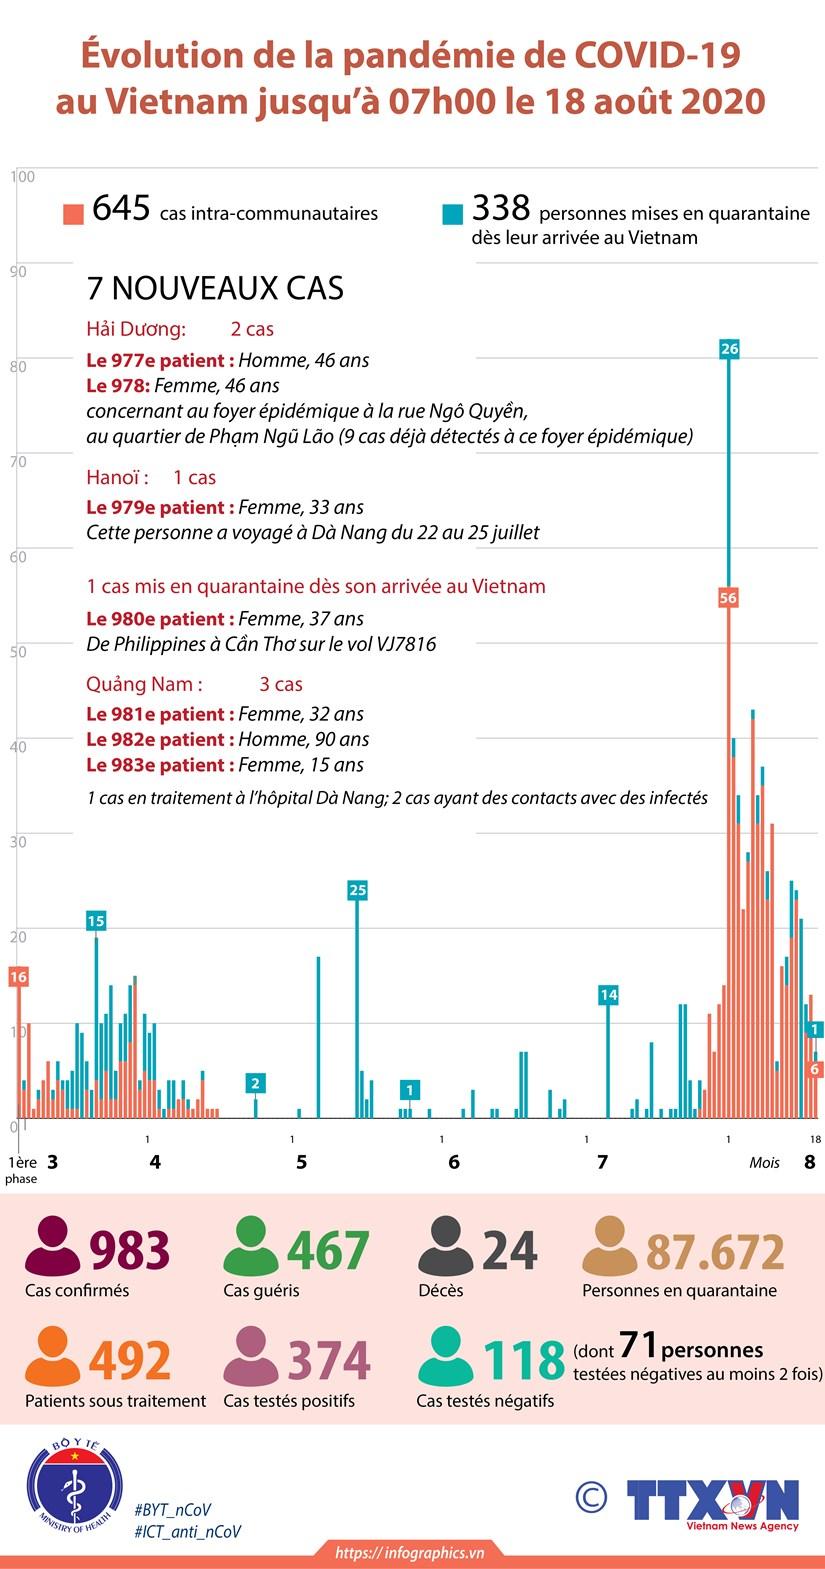 Evolution de la pandemie de COVID-19 au Vietnam jusqu'a 07h00 le 18 aout 2020 hinh anh 1